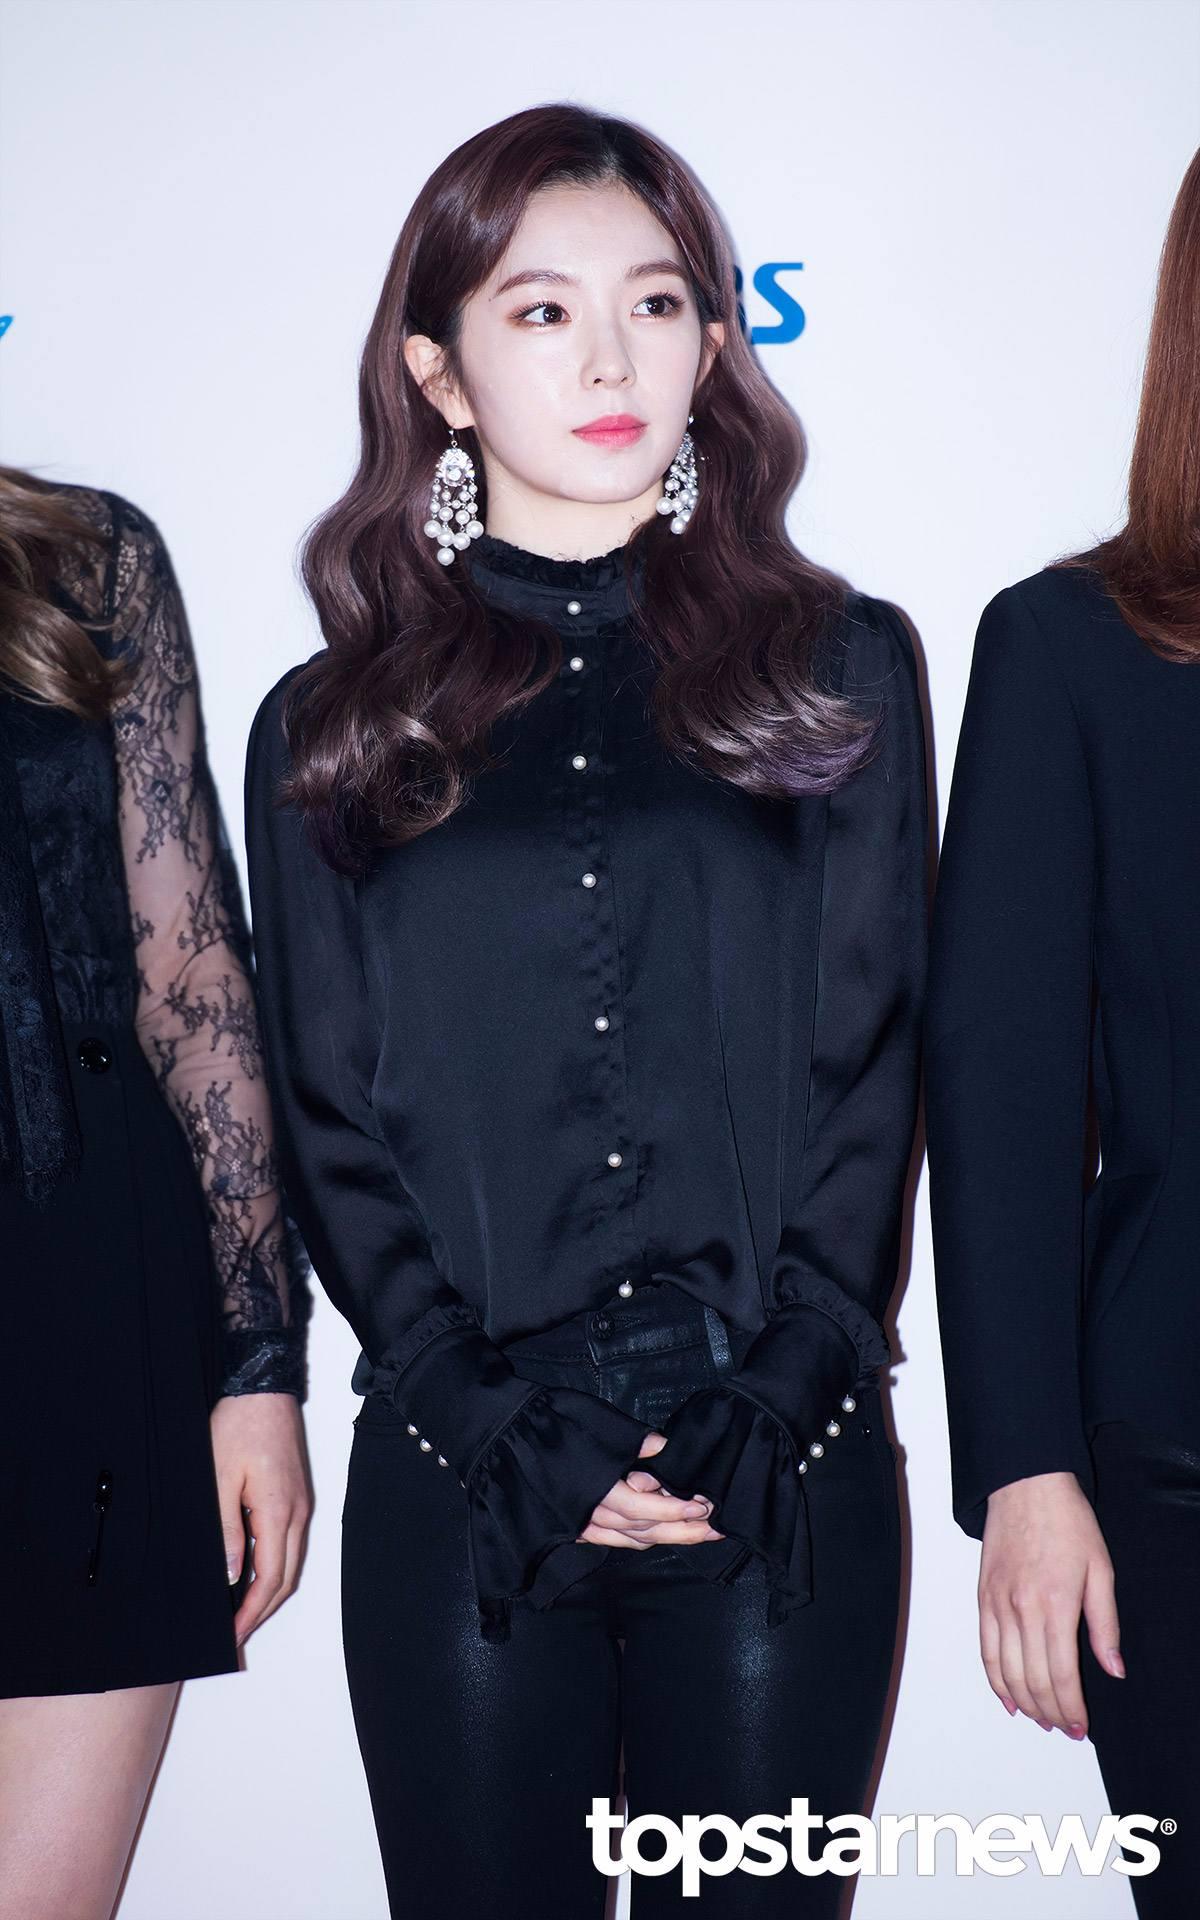 因為在《Radio Star》上的「態度事件」, 再加上被毒舌MC金九拉說成是「有氣無力的來賓 」, 讓Irene最近在韓國陷入爭議。